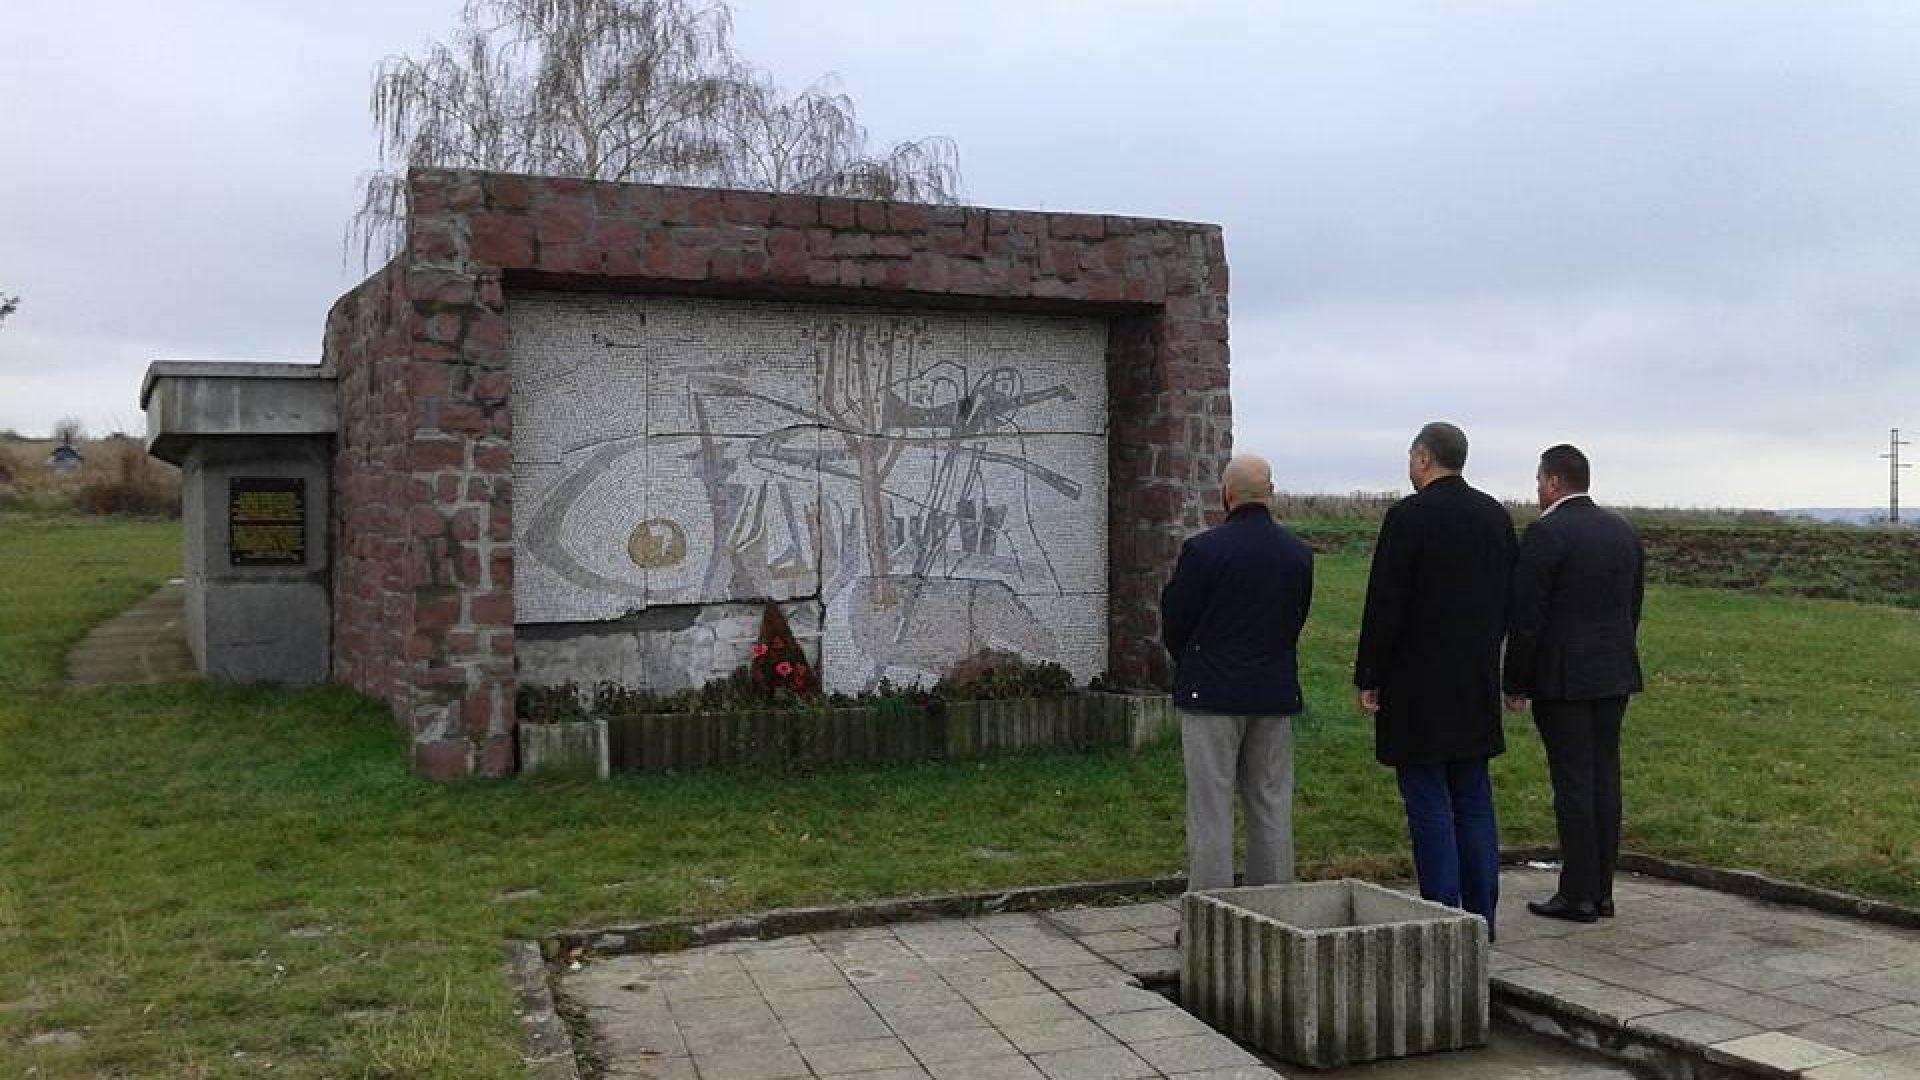 Българската костница в местността Ледена стена в Ниш е осквернена.